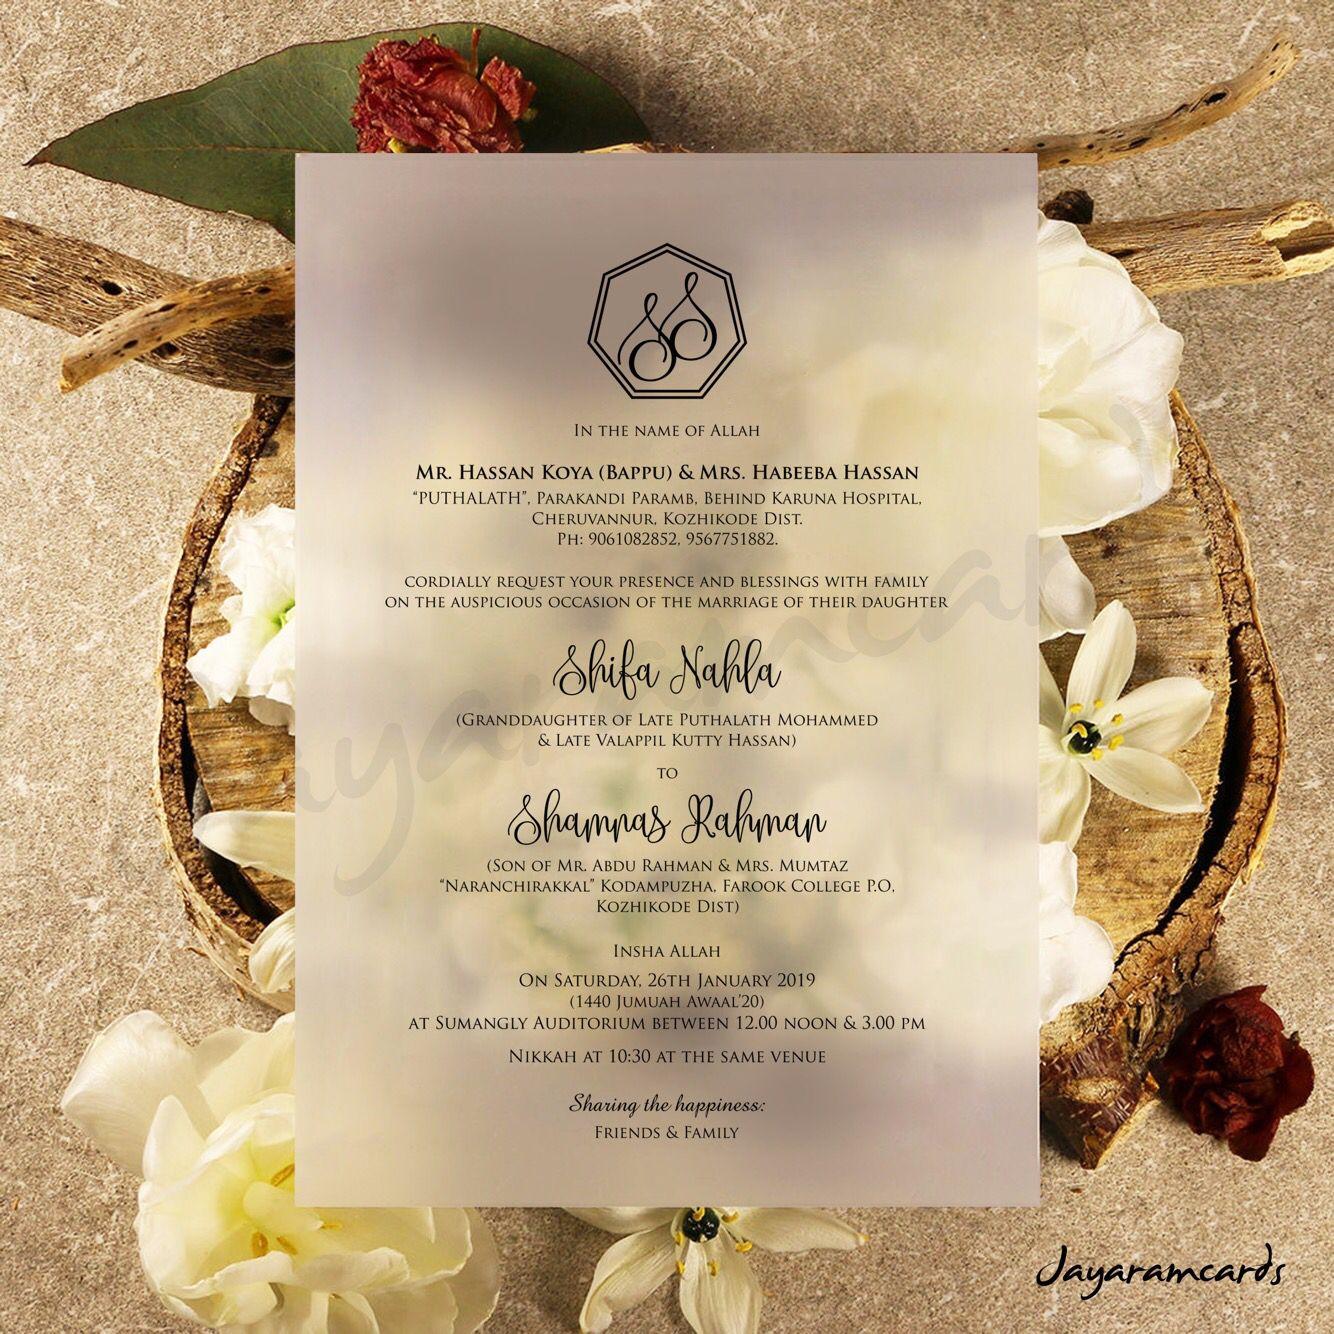 Frost Wedding Invitation Card Wedding Invitation Cards Wedding Invitations Wedding Cards